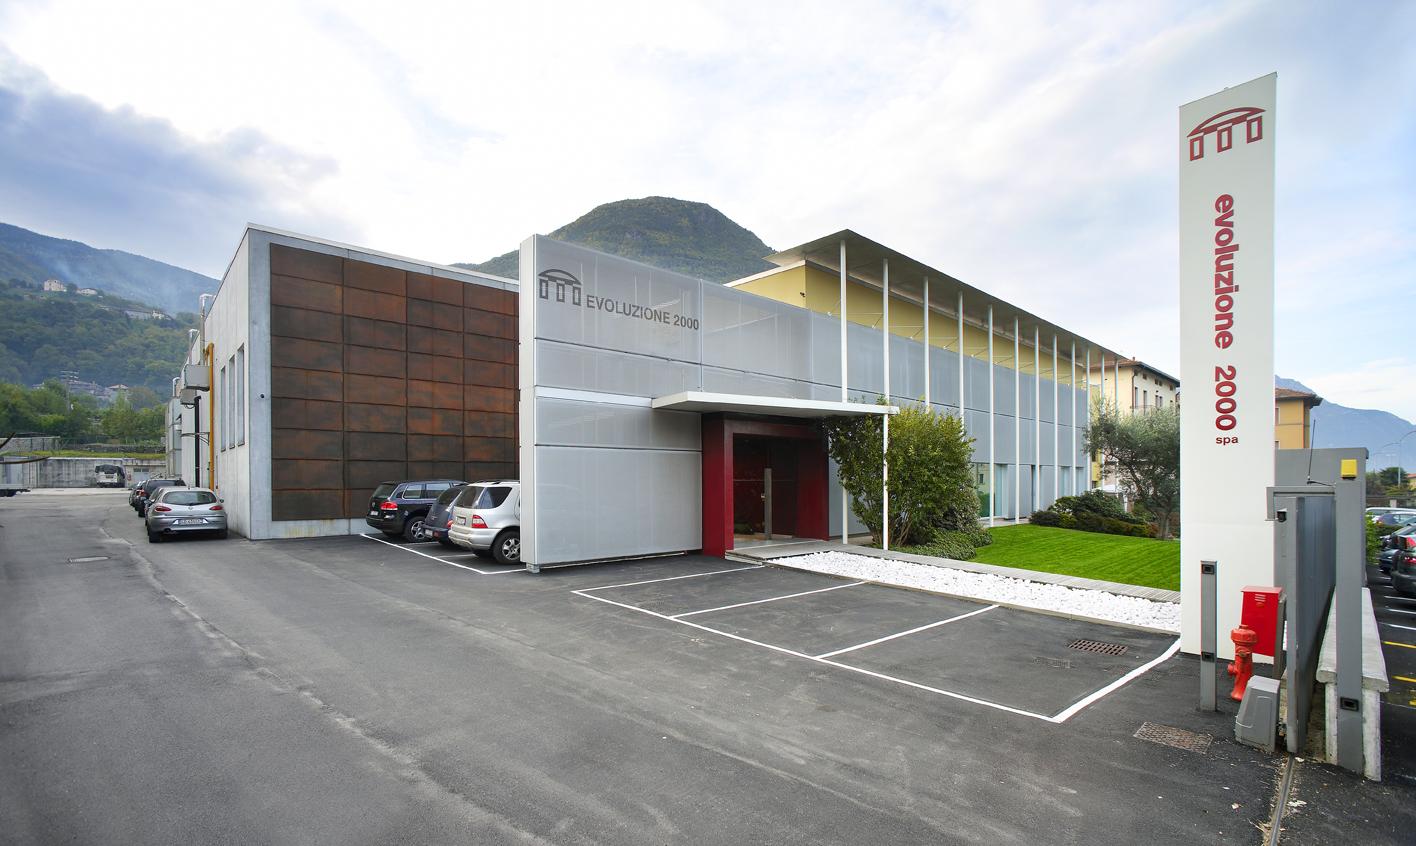 Studio-di-architettura-Baisotti-Sigala-prgetti14